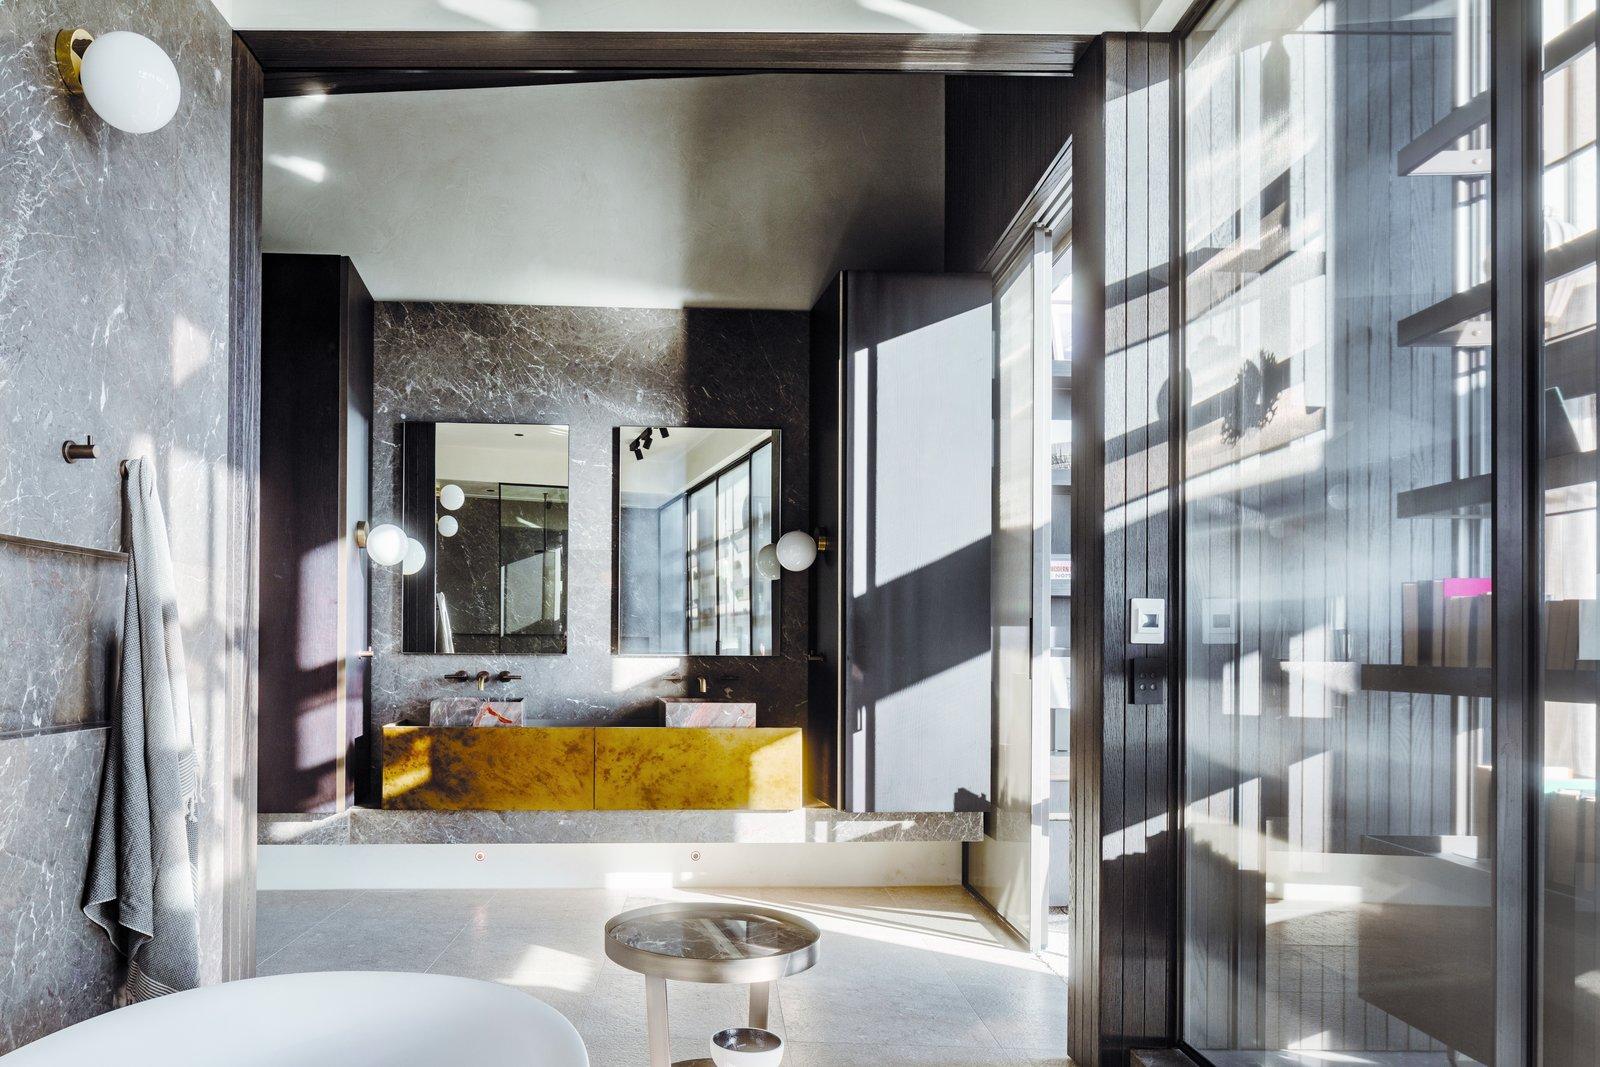 Tidal Arc House bathroom